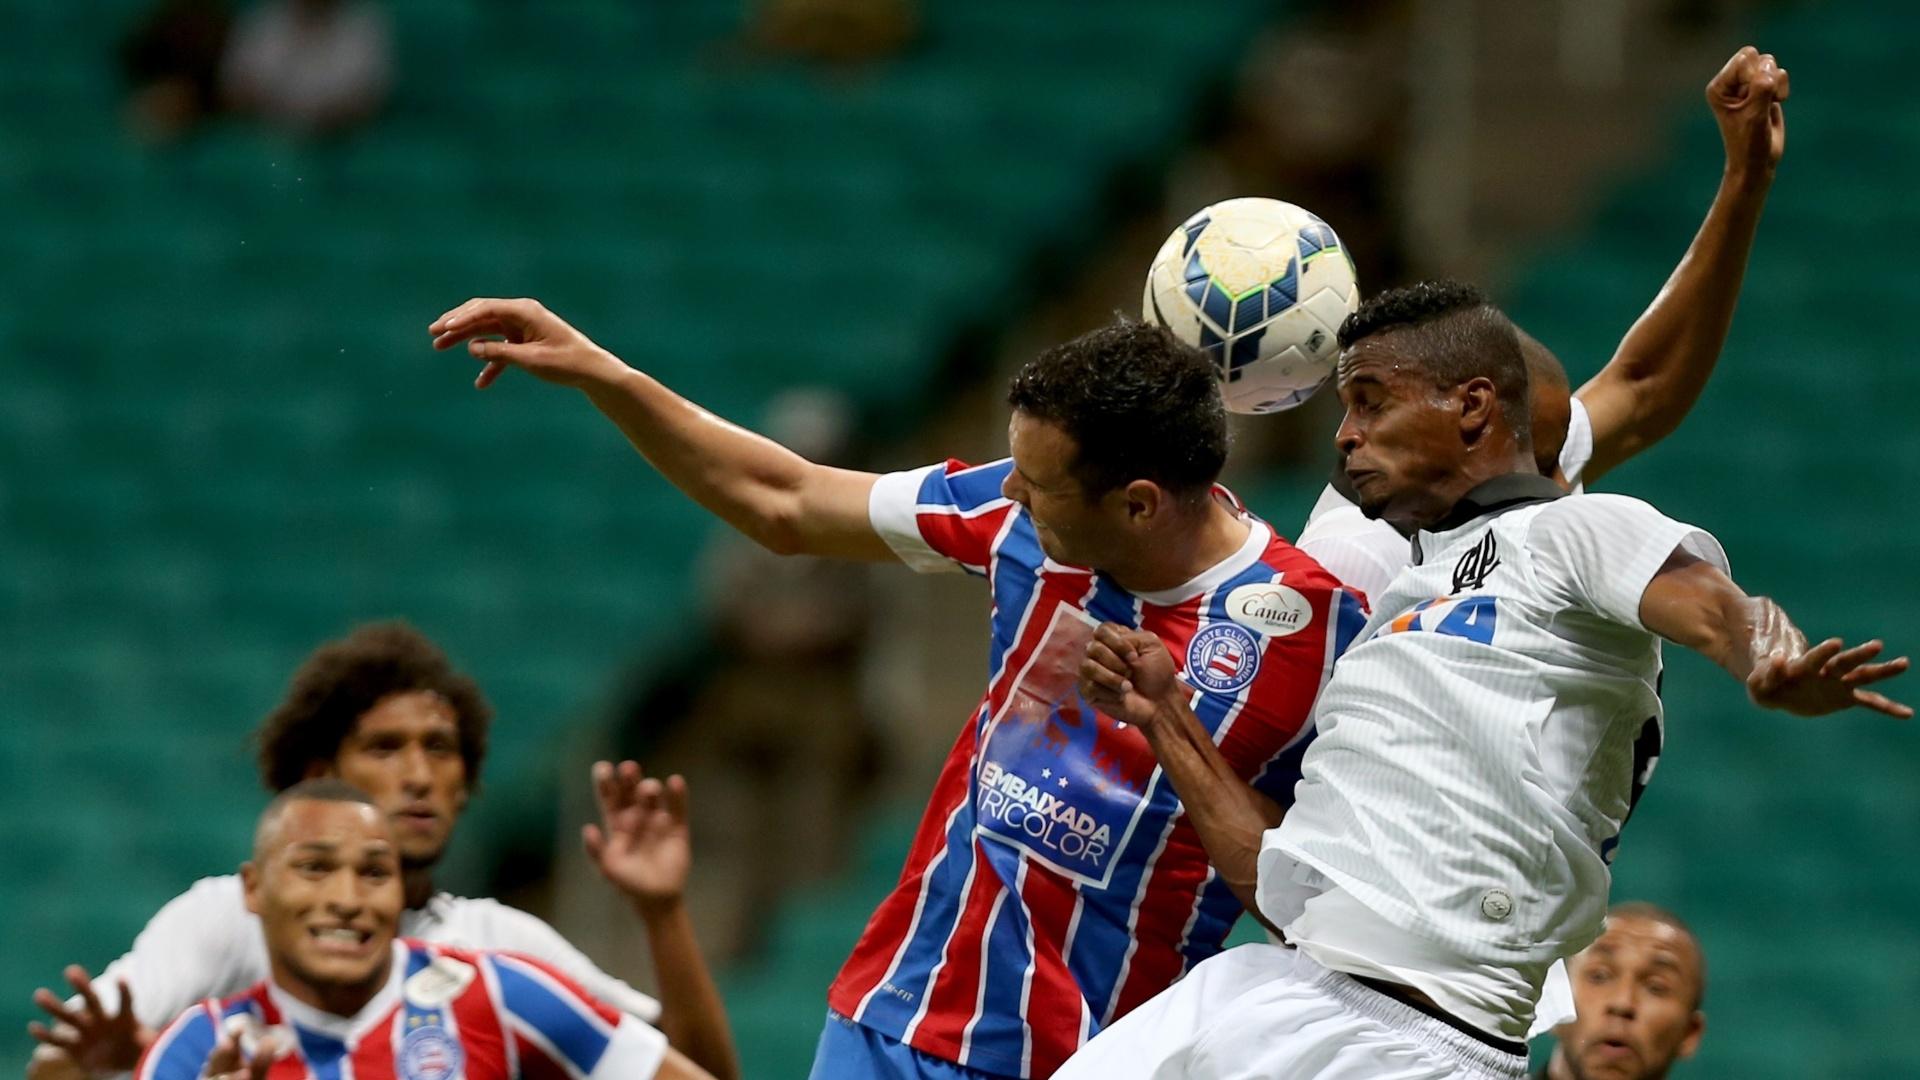 Lucas Fonseca (à esq.) cabeceia bola em disputa pelo alto